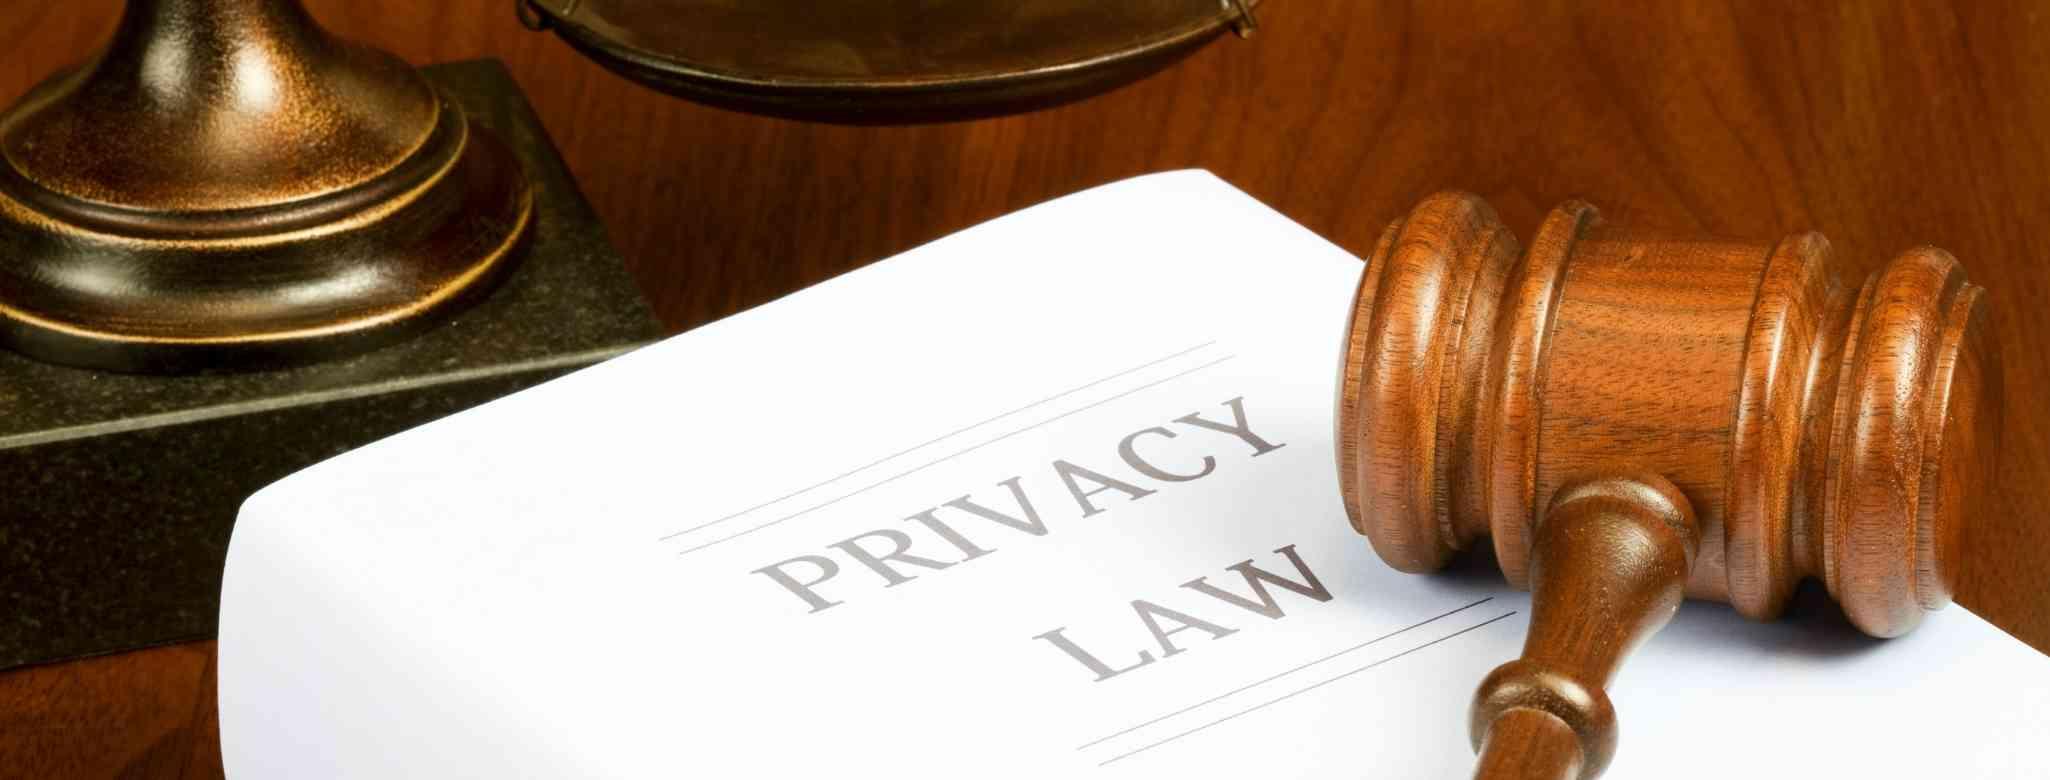 חוקי פרטיות ומצלמות אבטחה בייתיות